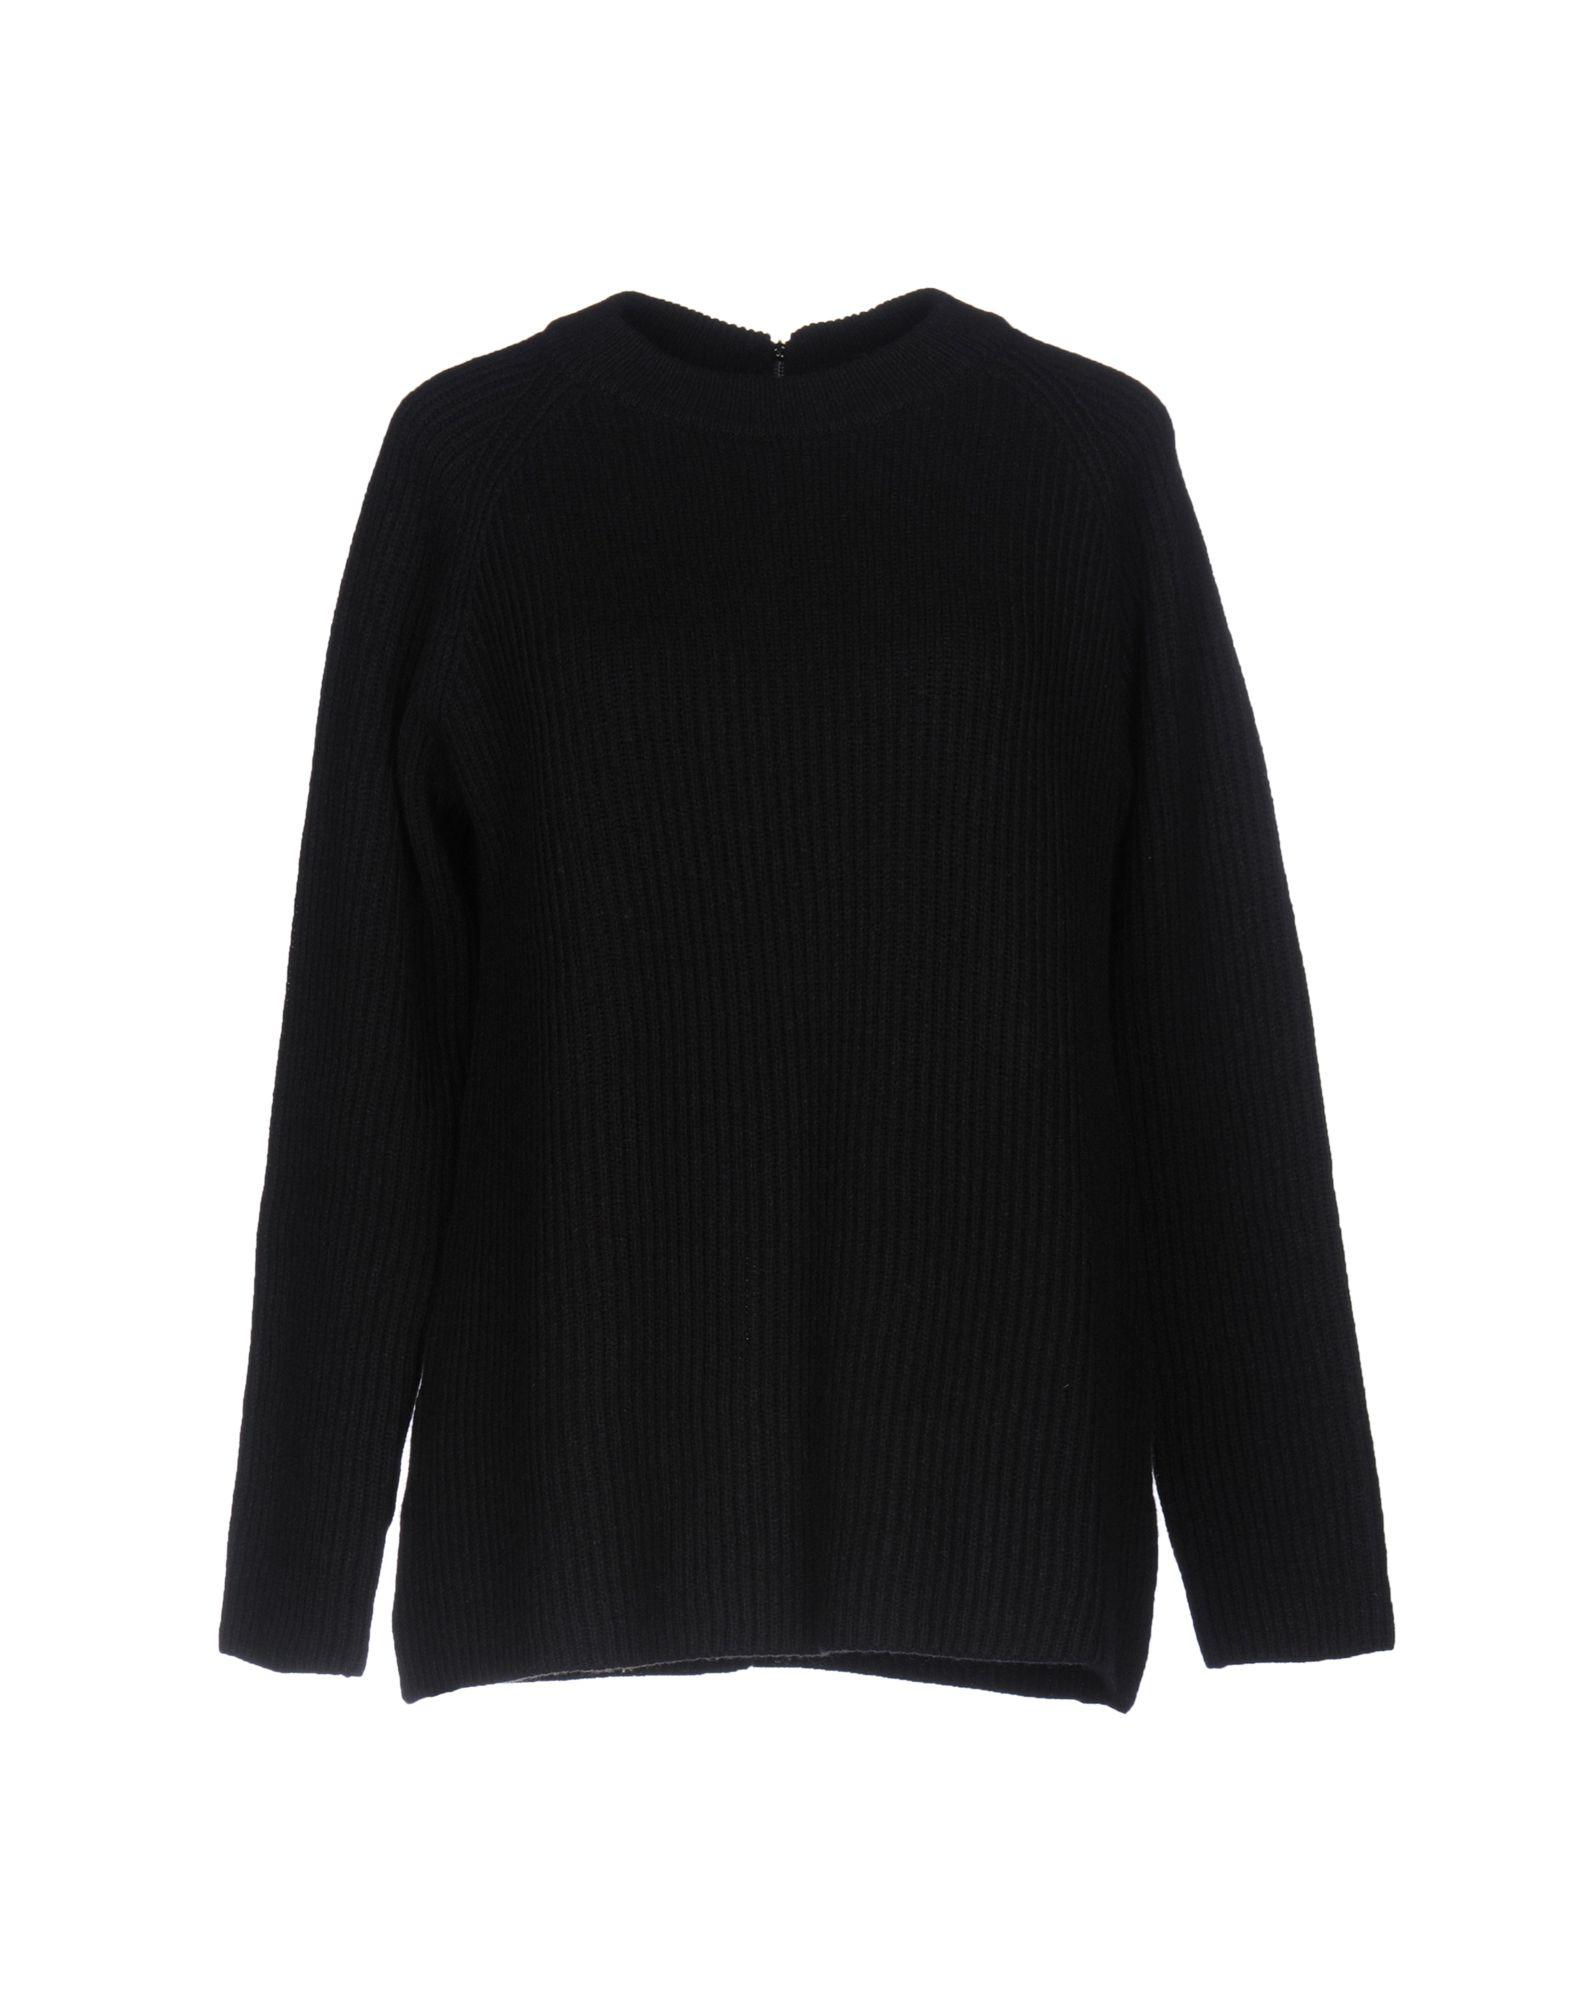 TORTONA 21 Damen Pullover Farbe Schwarz Größe 5 - broschei